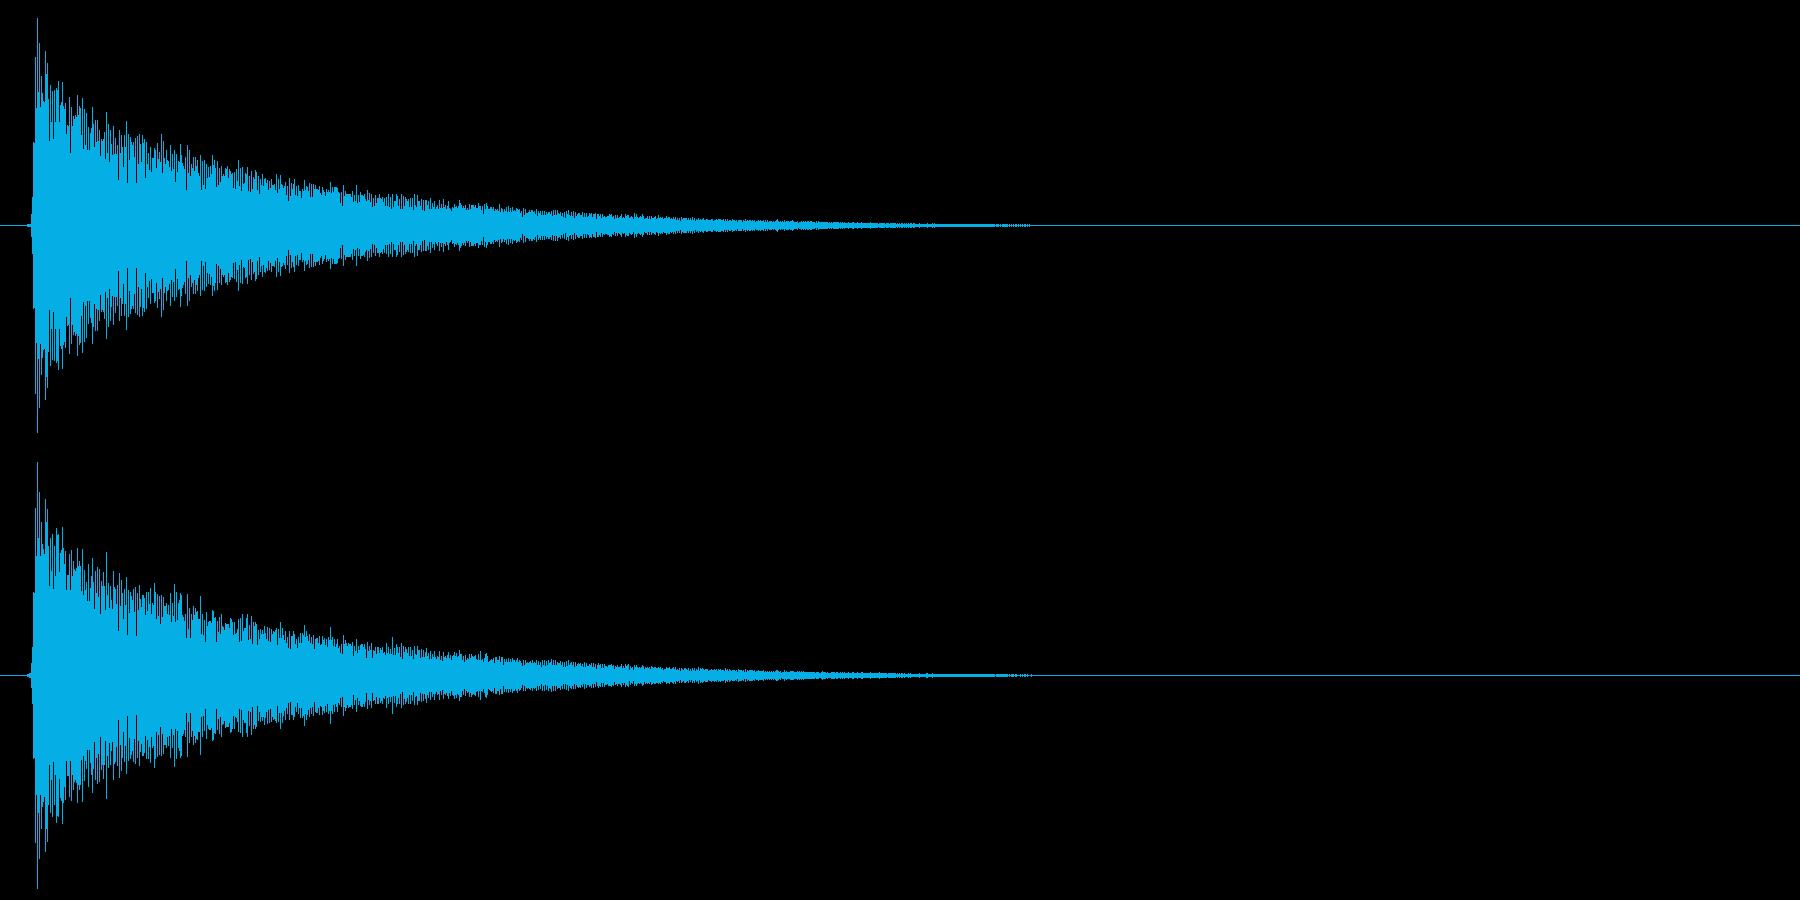 キラキラ…(システム音、星、暗い)の再生済みの波形